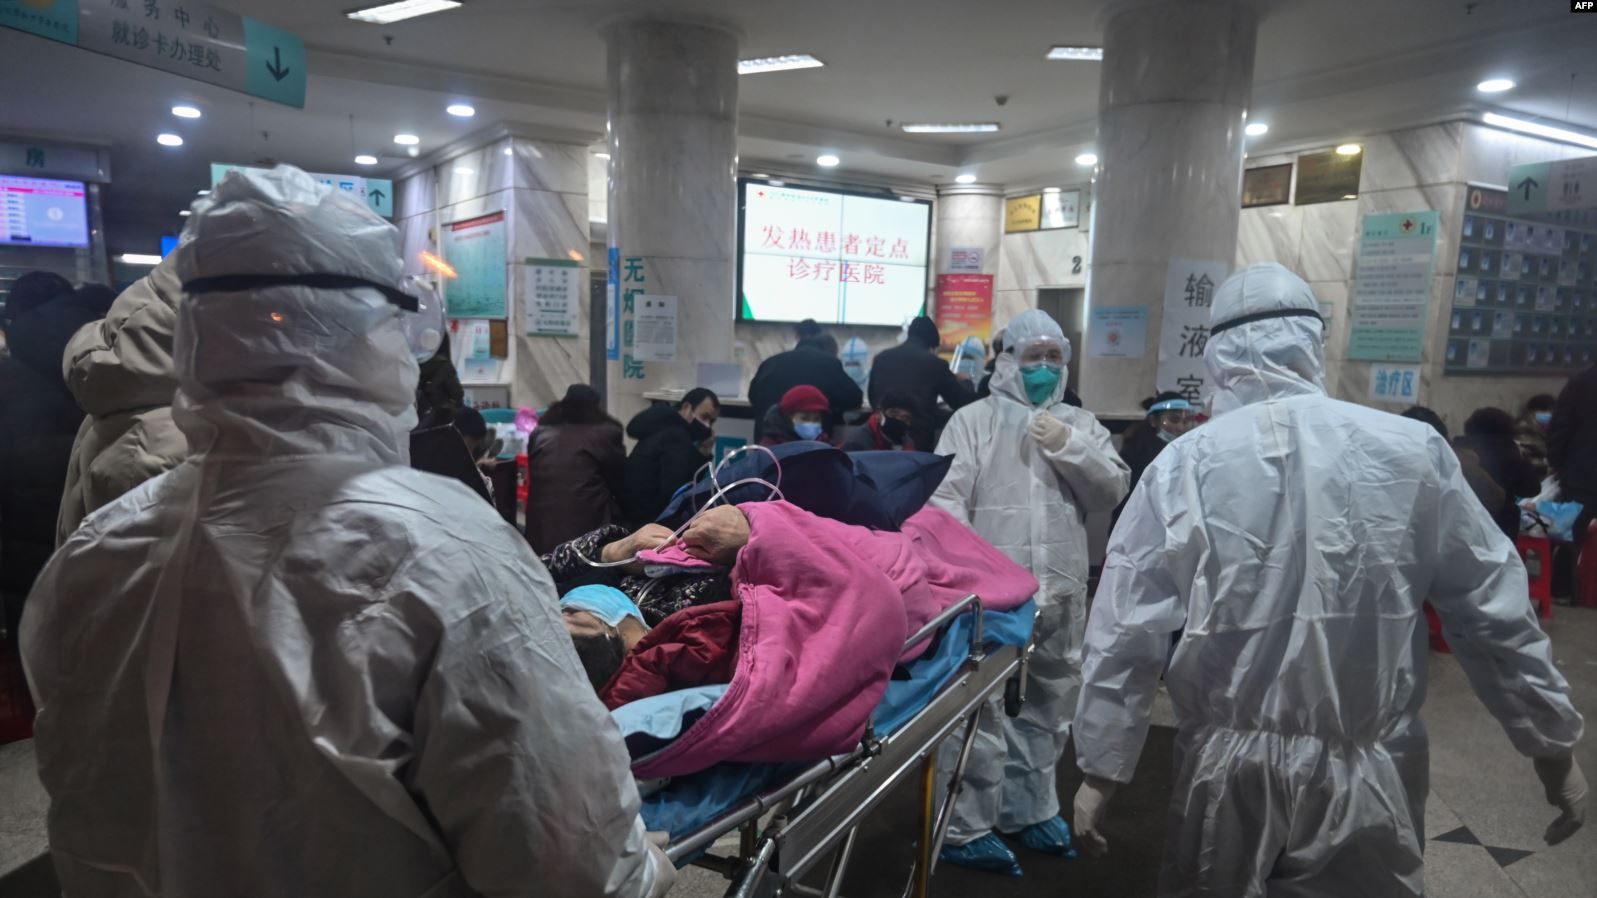 ارتفاع وفيات فيروس كورونا في الصين إلى722 وتجاوز عدد المصابين 34 ألف